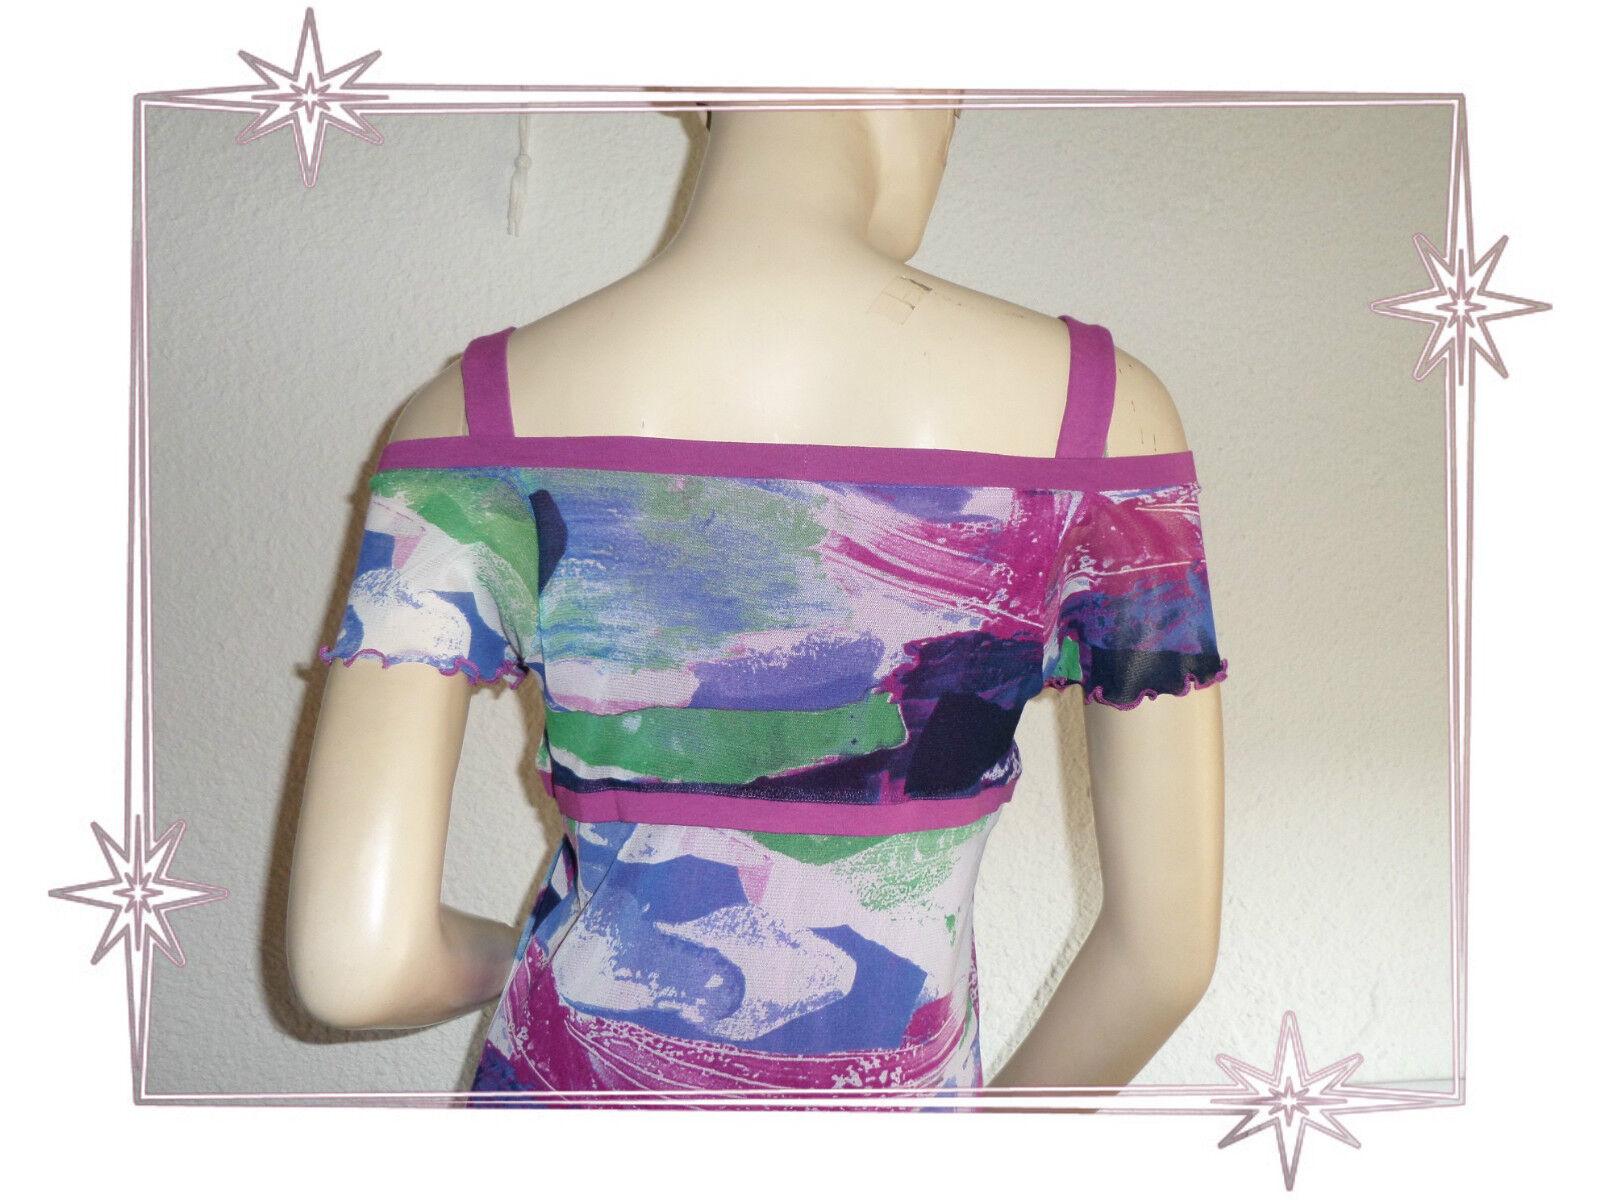 D-Kleid Fantasie Träger- lila   blau gedruckt Lewinger Größe Größe Größe 1 - 36 8a6c93